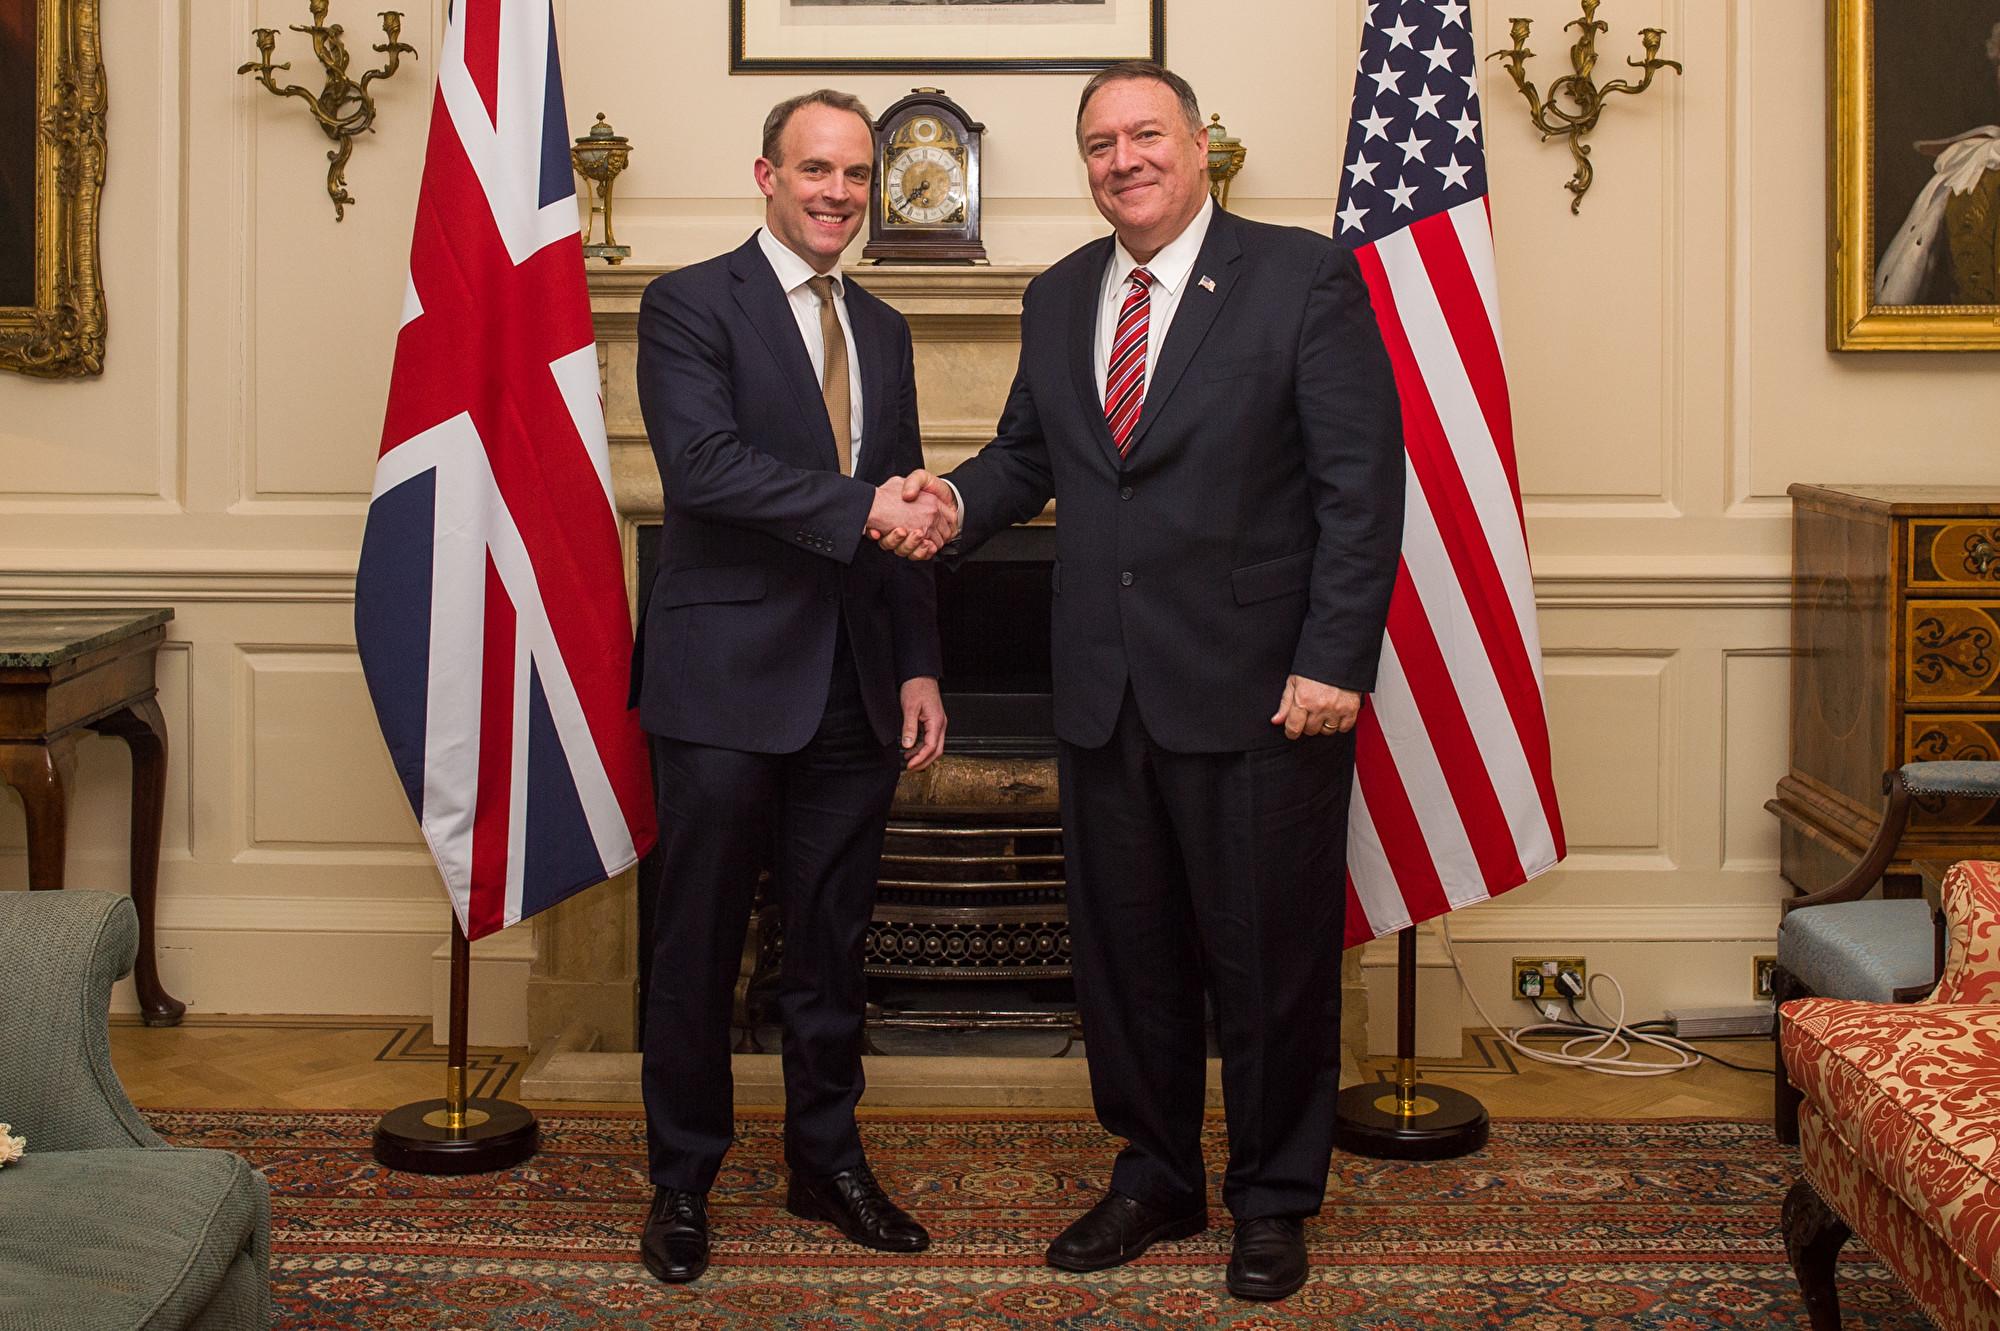 2020年7月6日,美國國務卿邁克‧蓬佩奧稱英國為「促進和保護人權的全球領導者,我們的密切合作夥伴」。(Peter Summers/Getty Images)